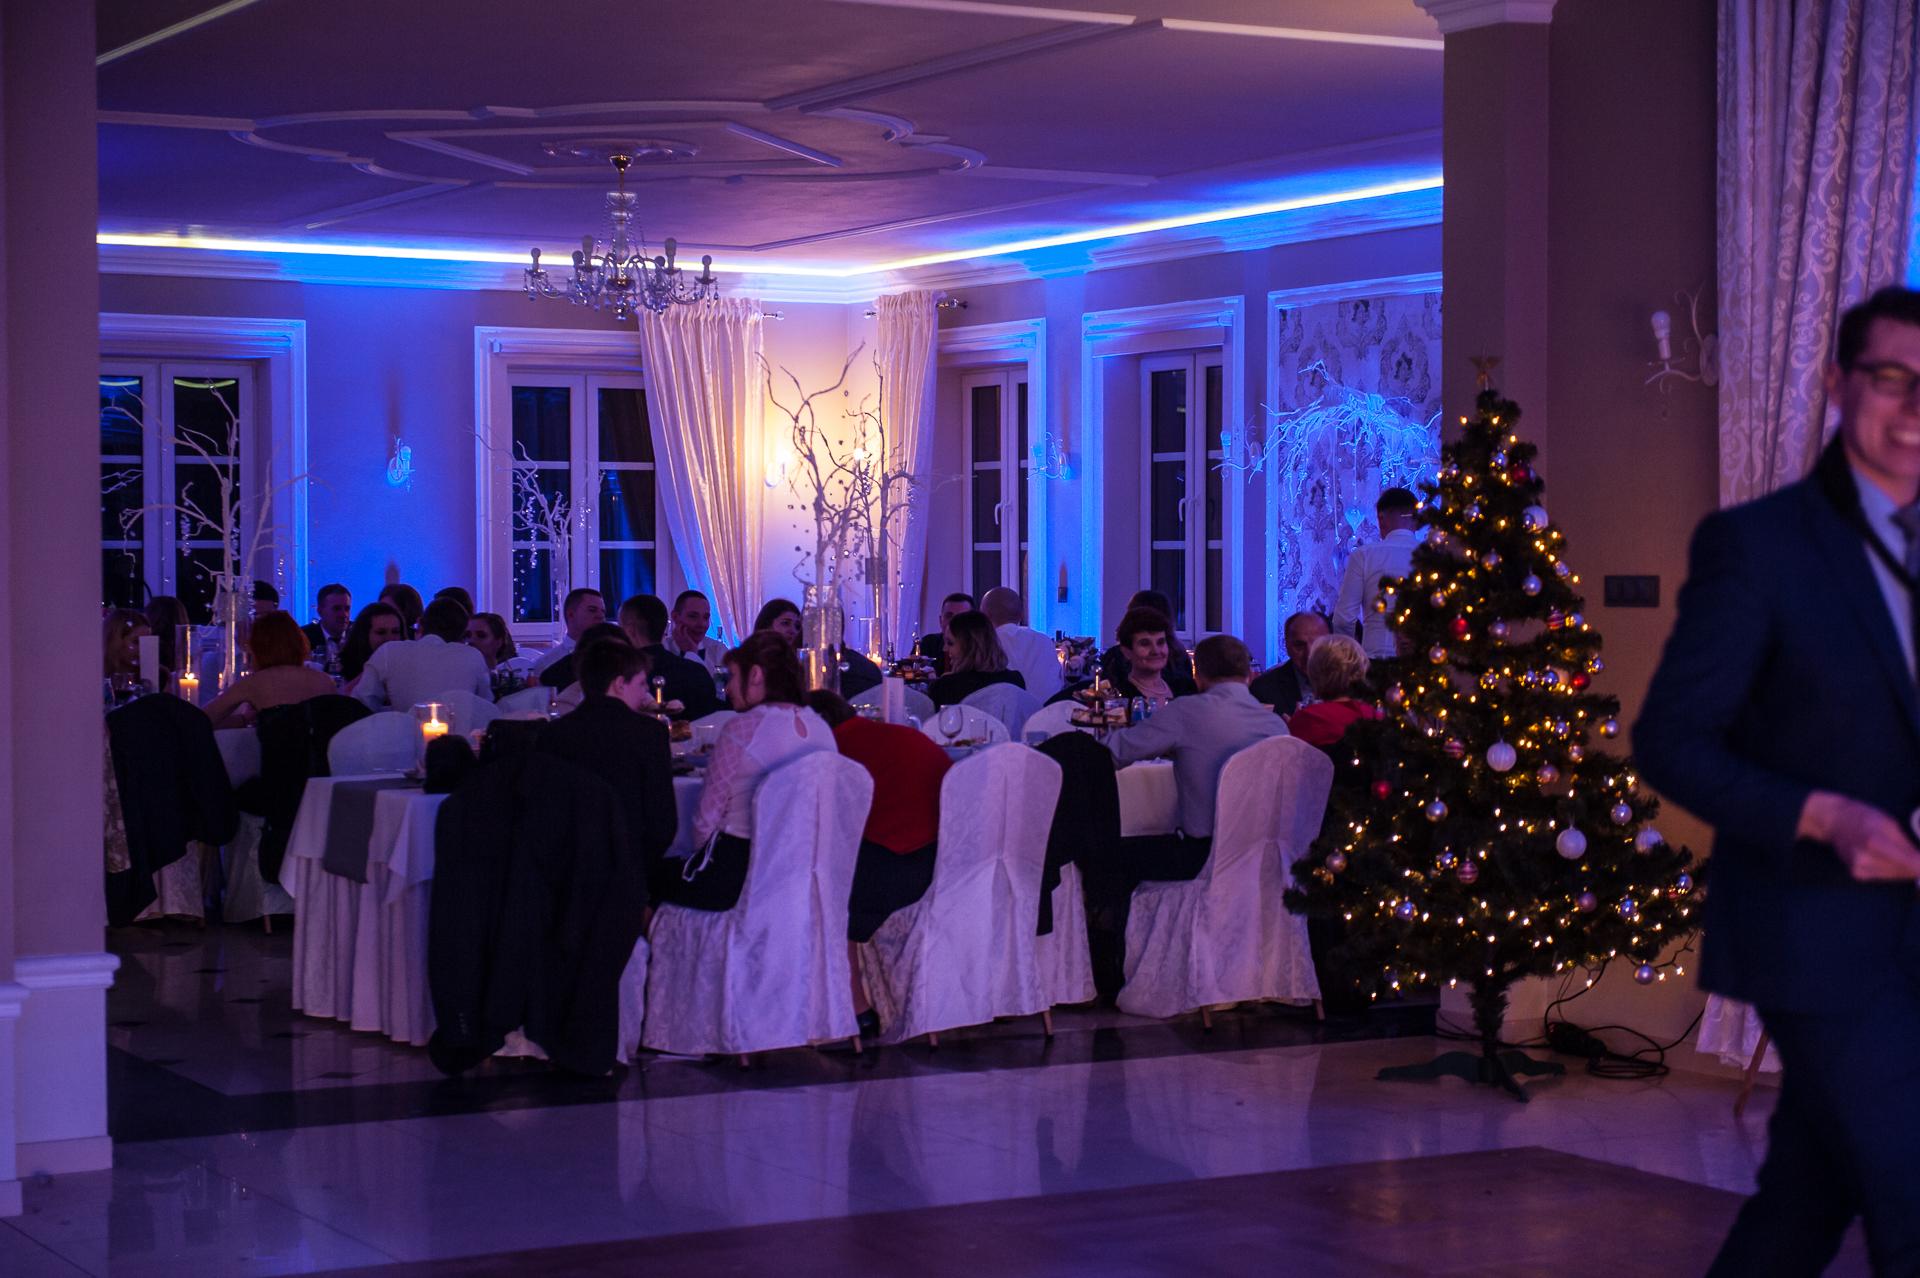 Dekoracja światłem - Kompleks Hotelowo Restauracyjny Panorama w Starym Wiśniczu koło Bochni